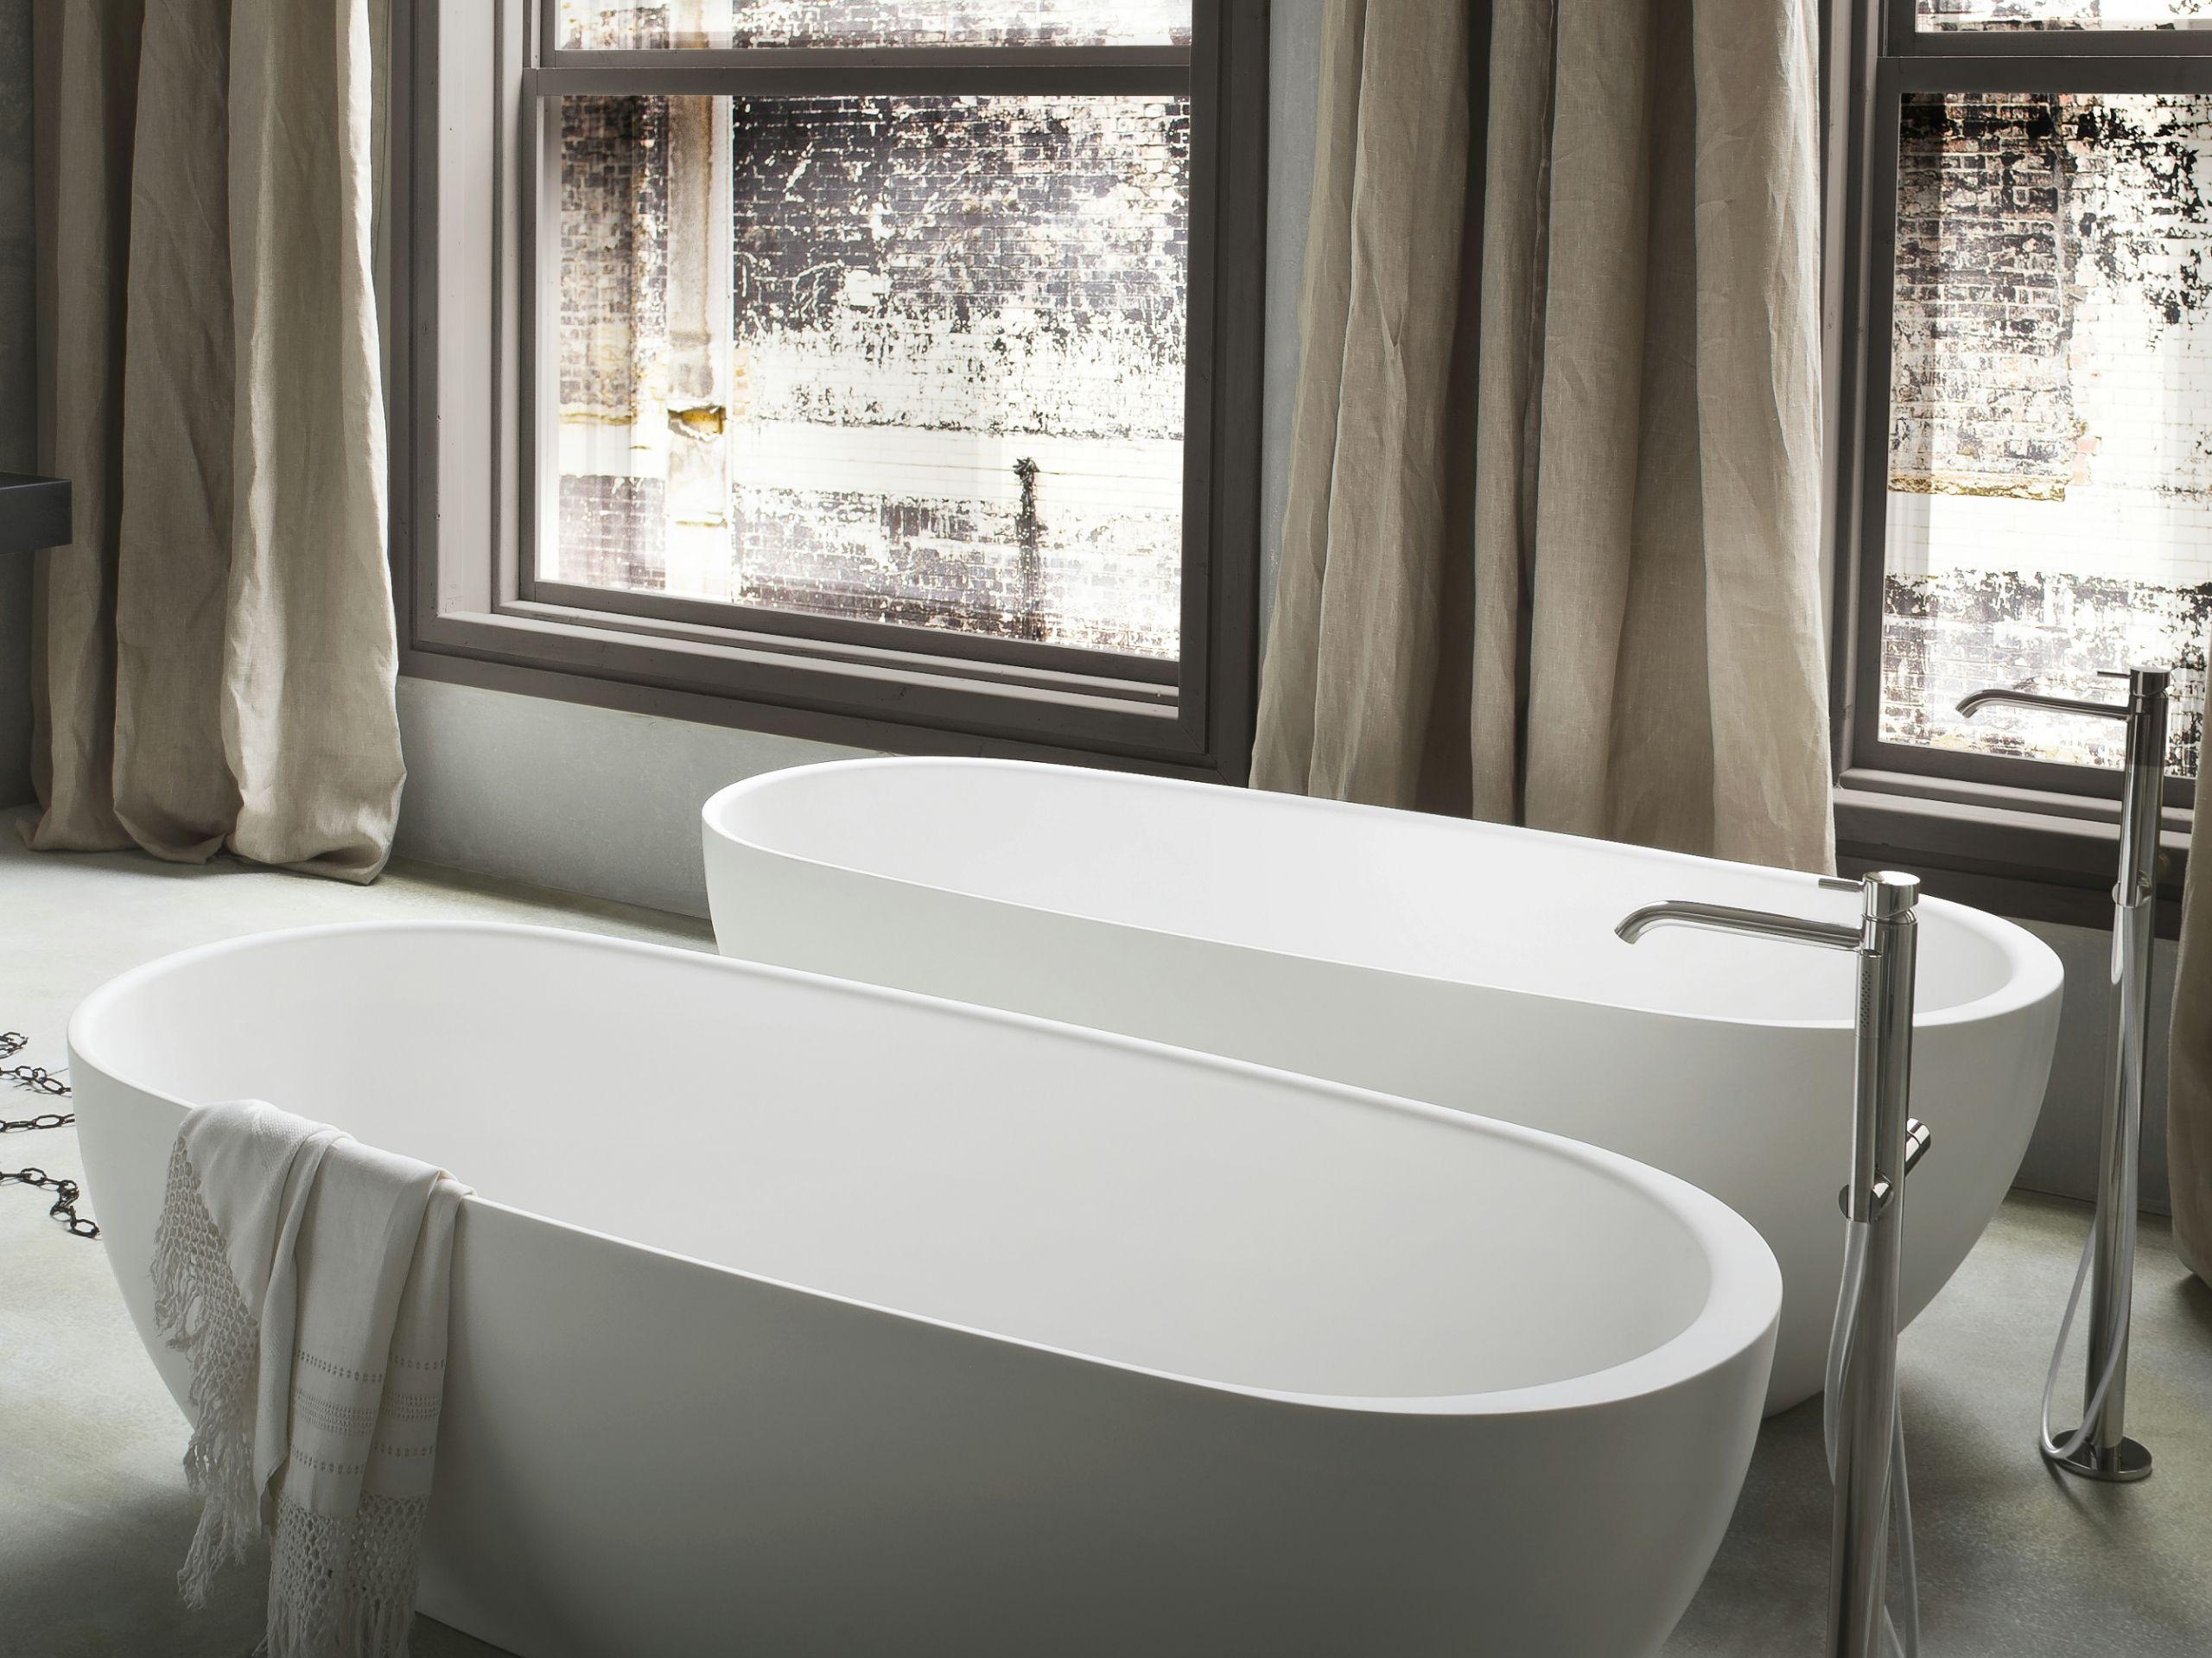 Hole vasca da bagno centro stanza by rexa design design - Vasche da bagno rotonde ...